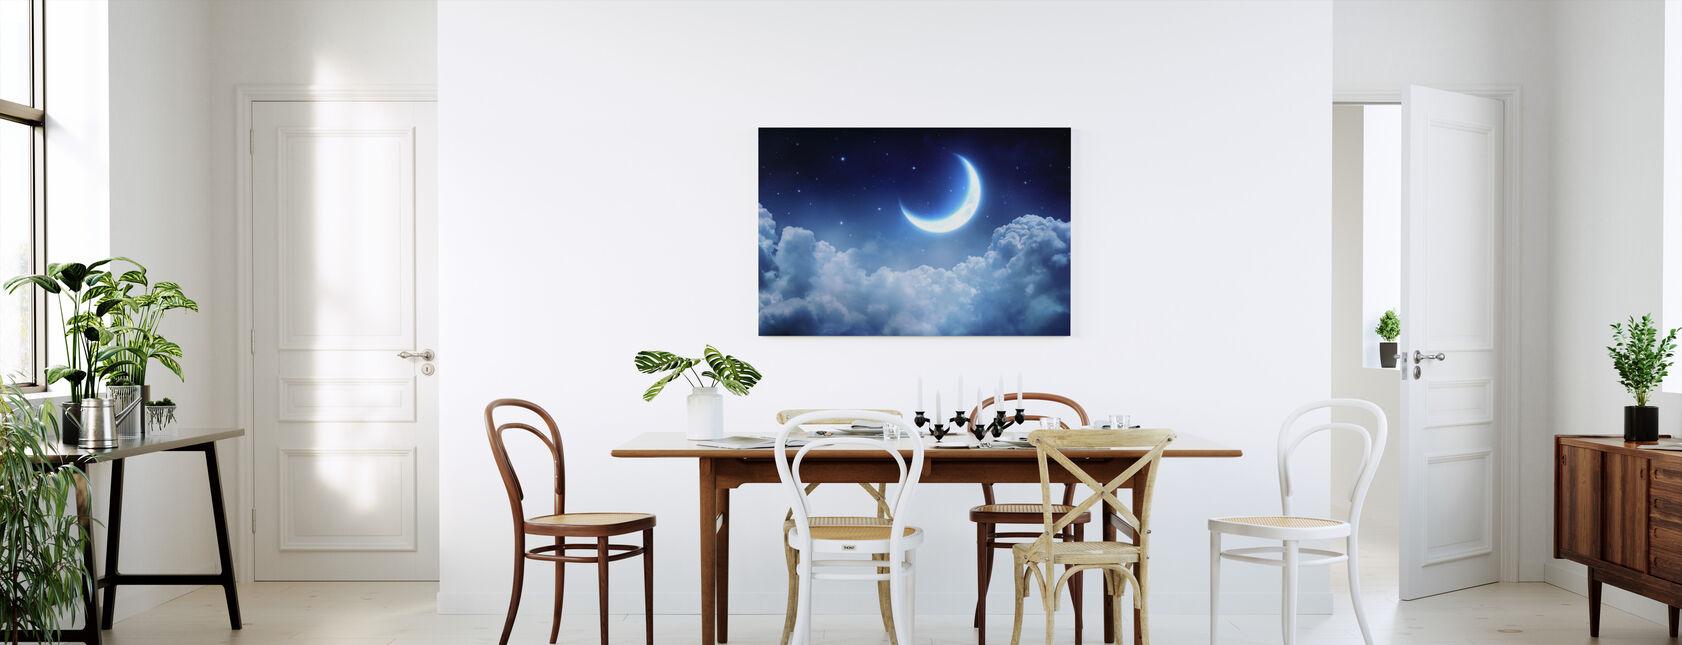 Dröm View Månen - Canvastavla - Kök